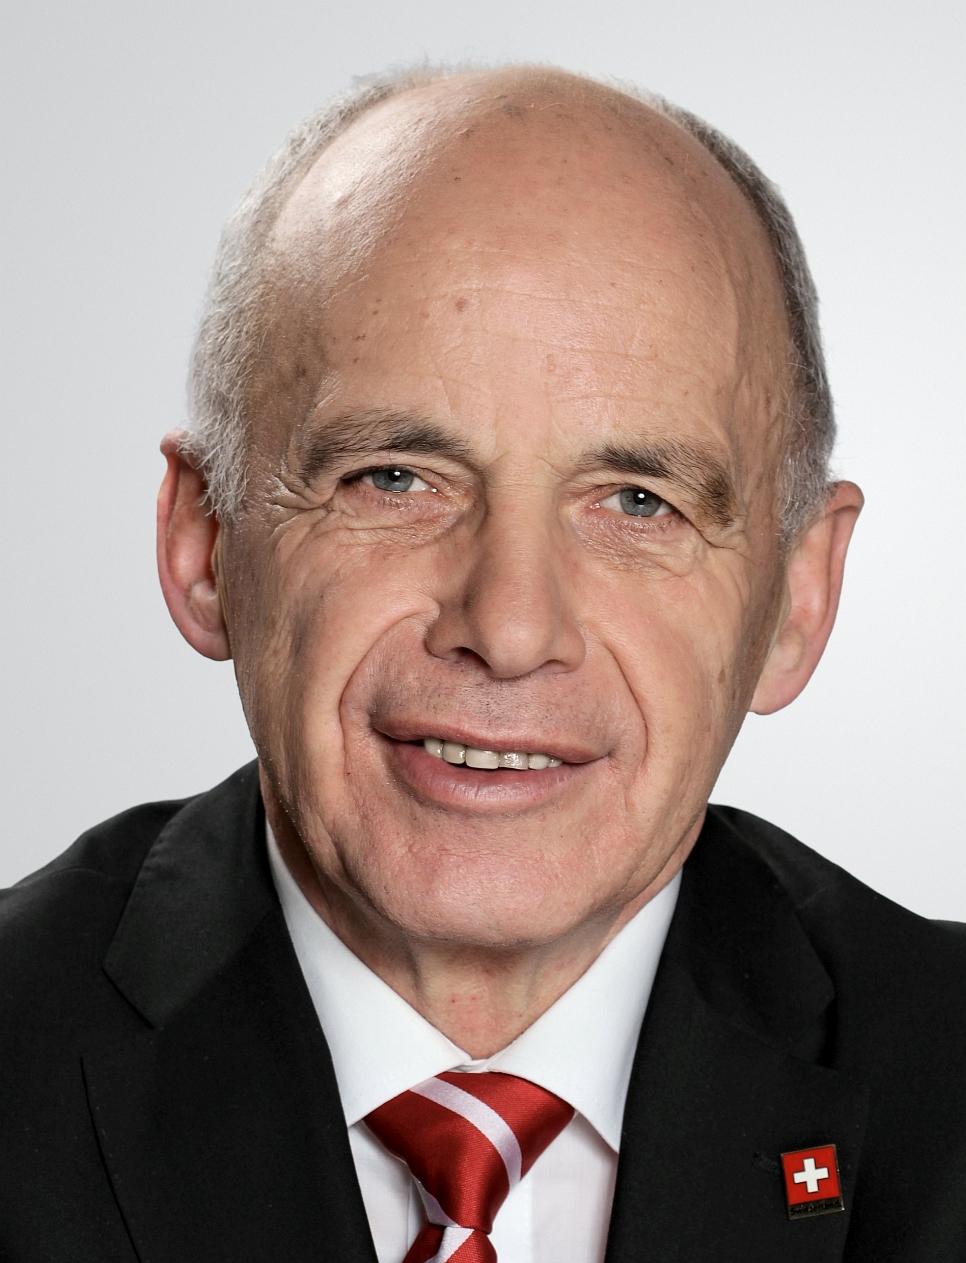 Grussbotschaft von Bundespräsident Ueli Maurer